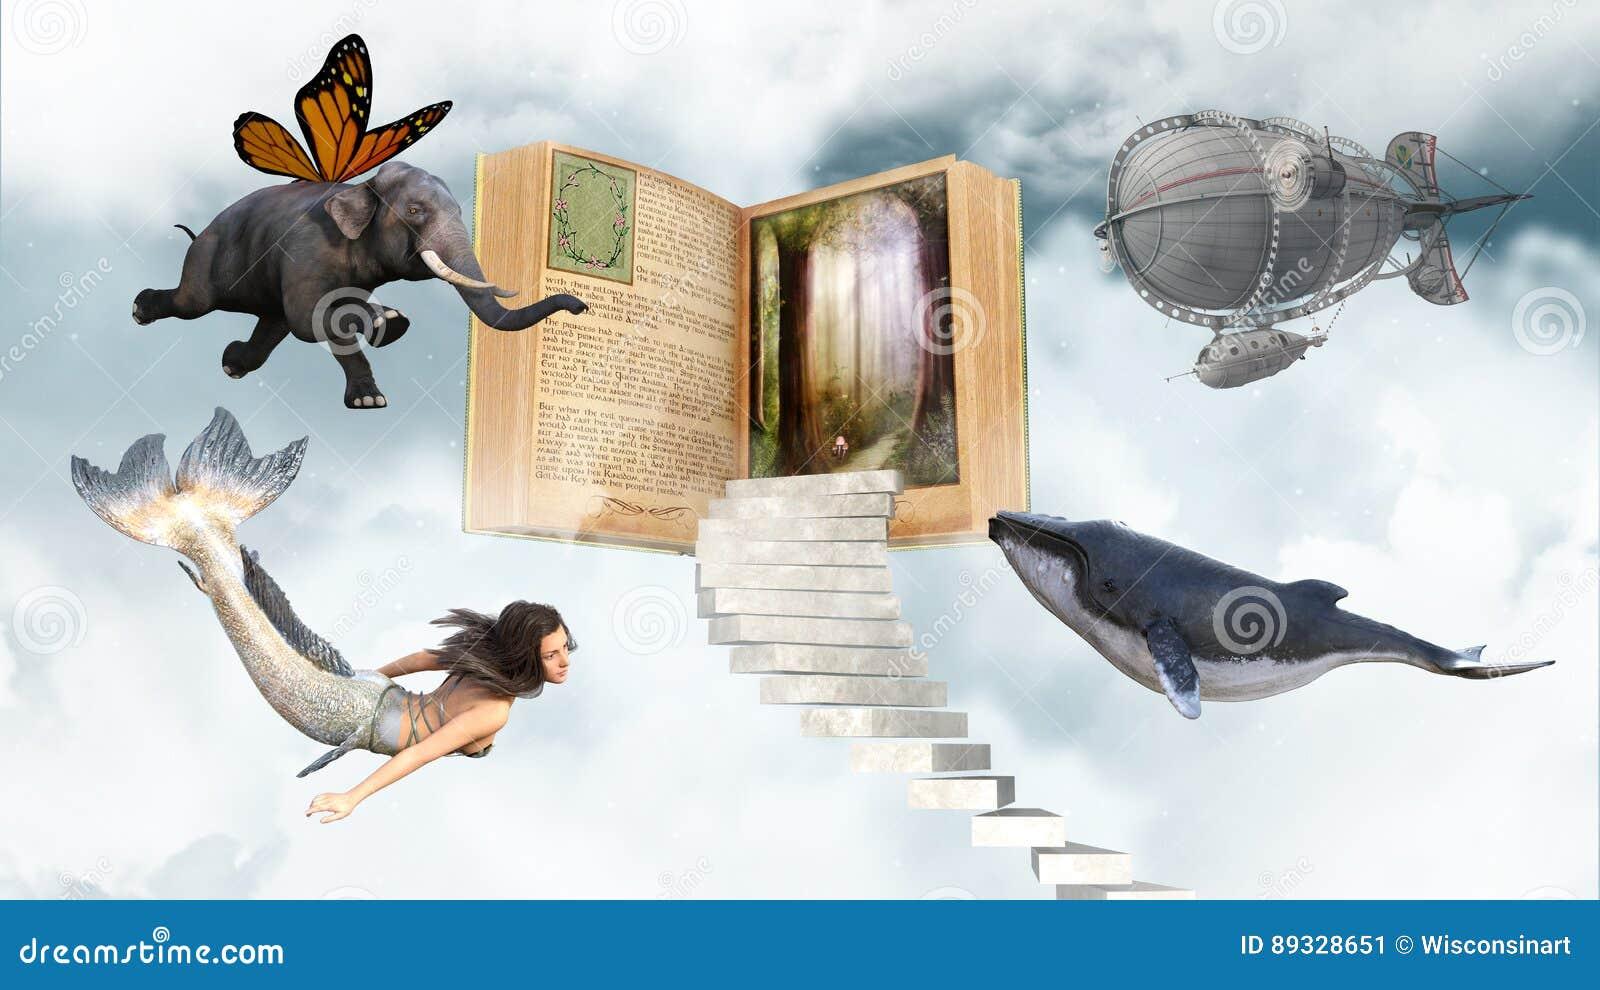 Imagination, livres, lecture, Storytime, amusement